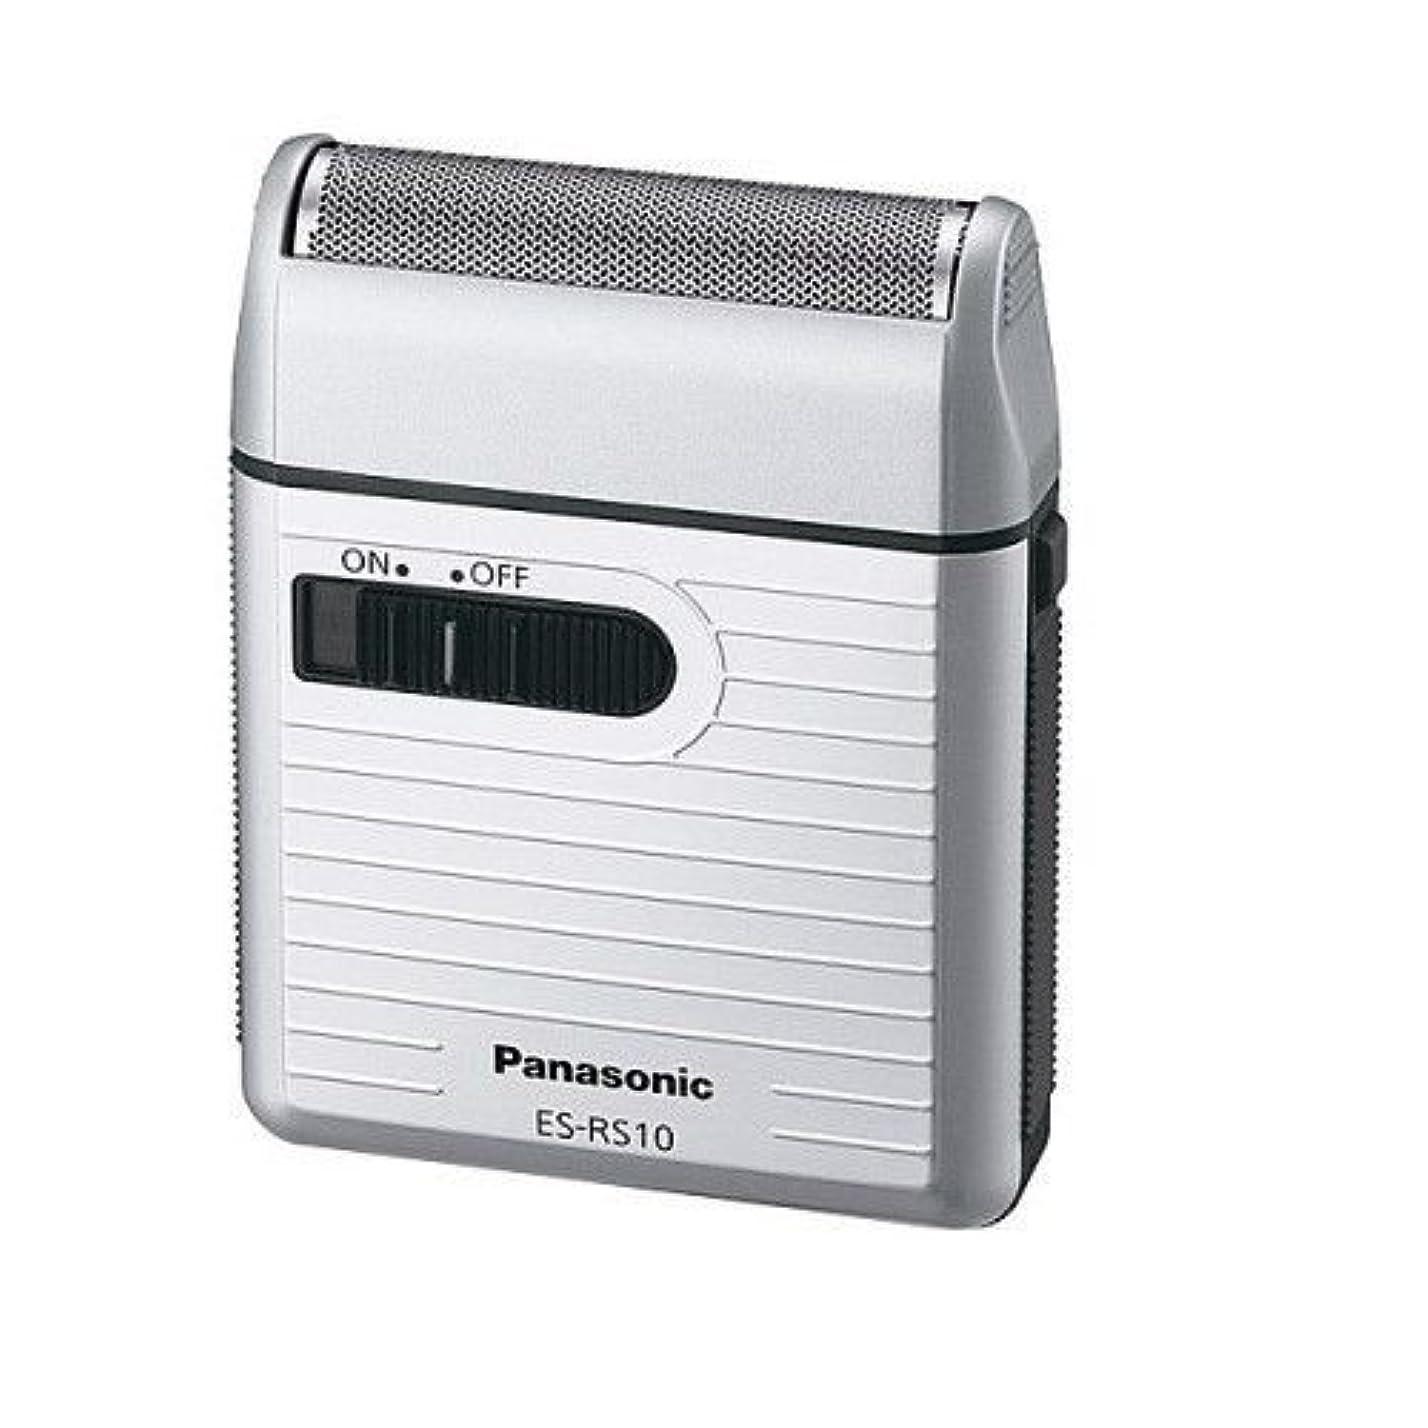 何かパキスタン落ち着くPanasonic ES-RS10-S ンズポケットシェーバーシルバー ESRS10 日本製 [並行輸入品]